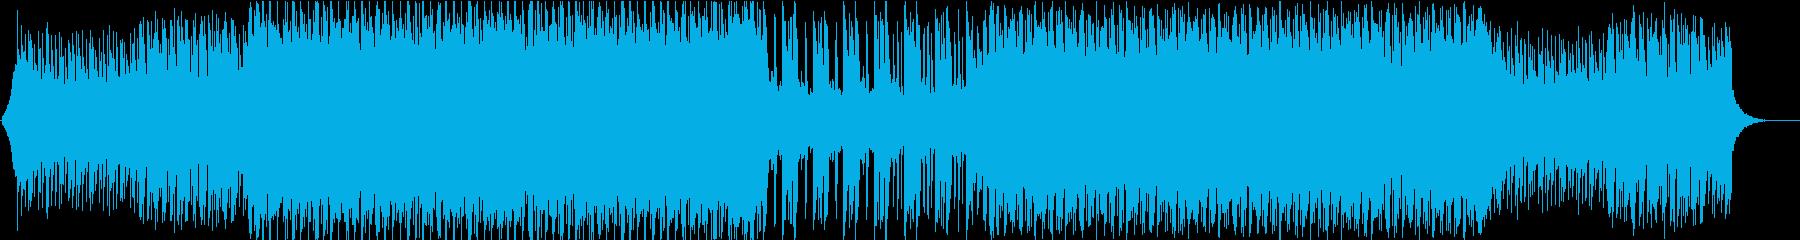 シンセサウンドが明るいテクノポップの再生済みの波形